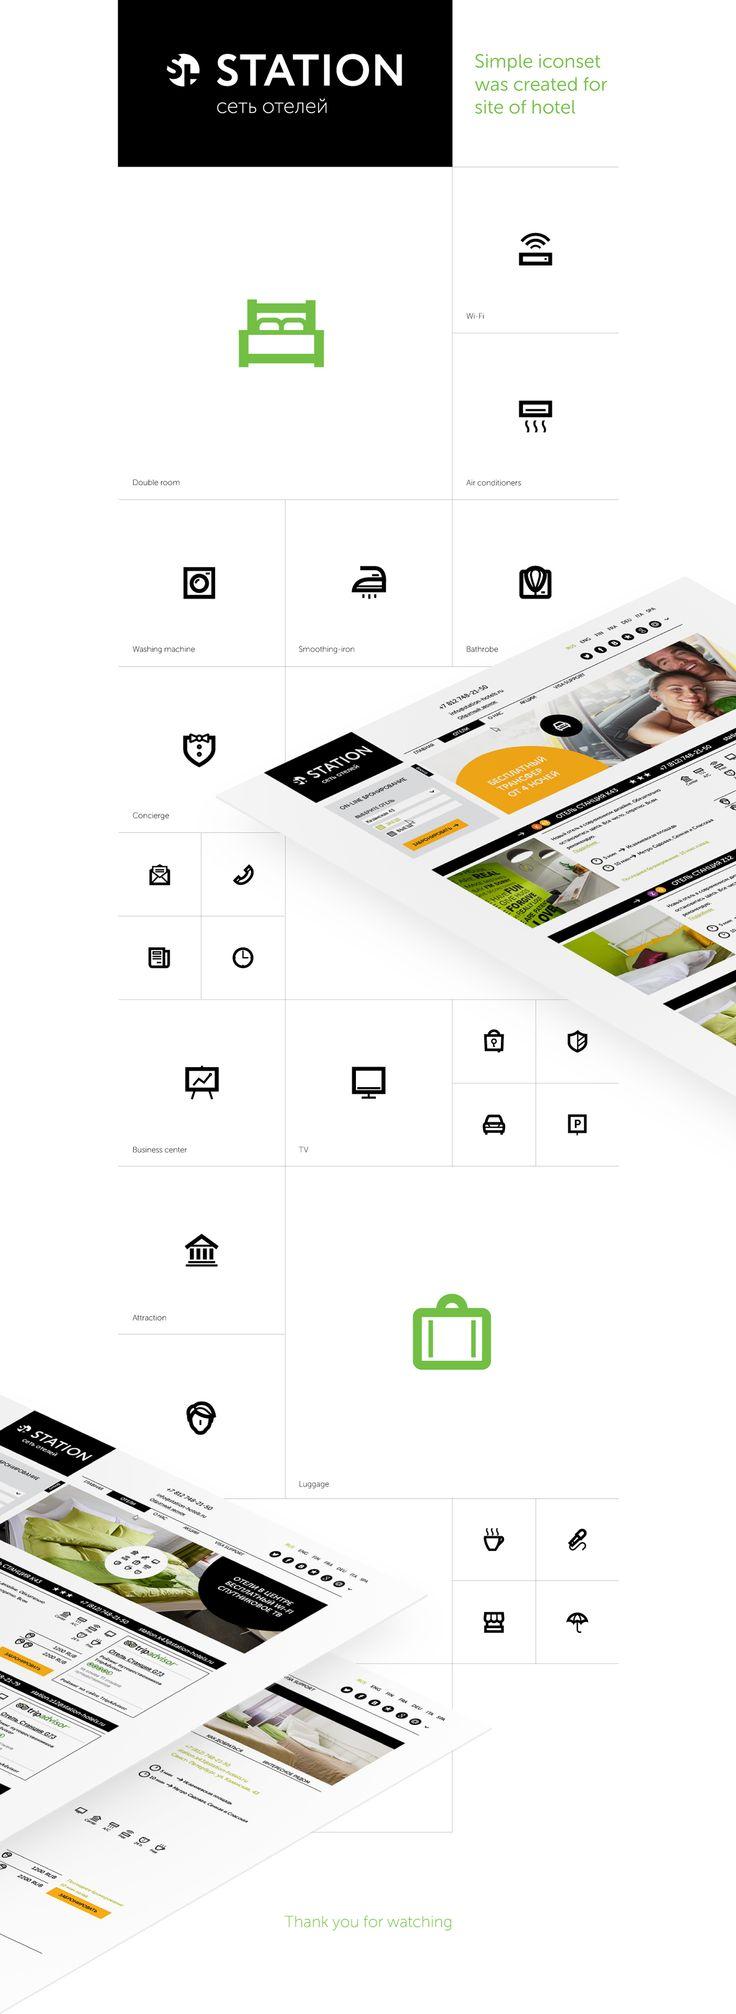 Iconset / Hotel Station on Behance